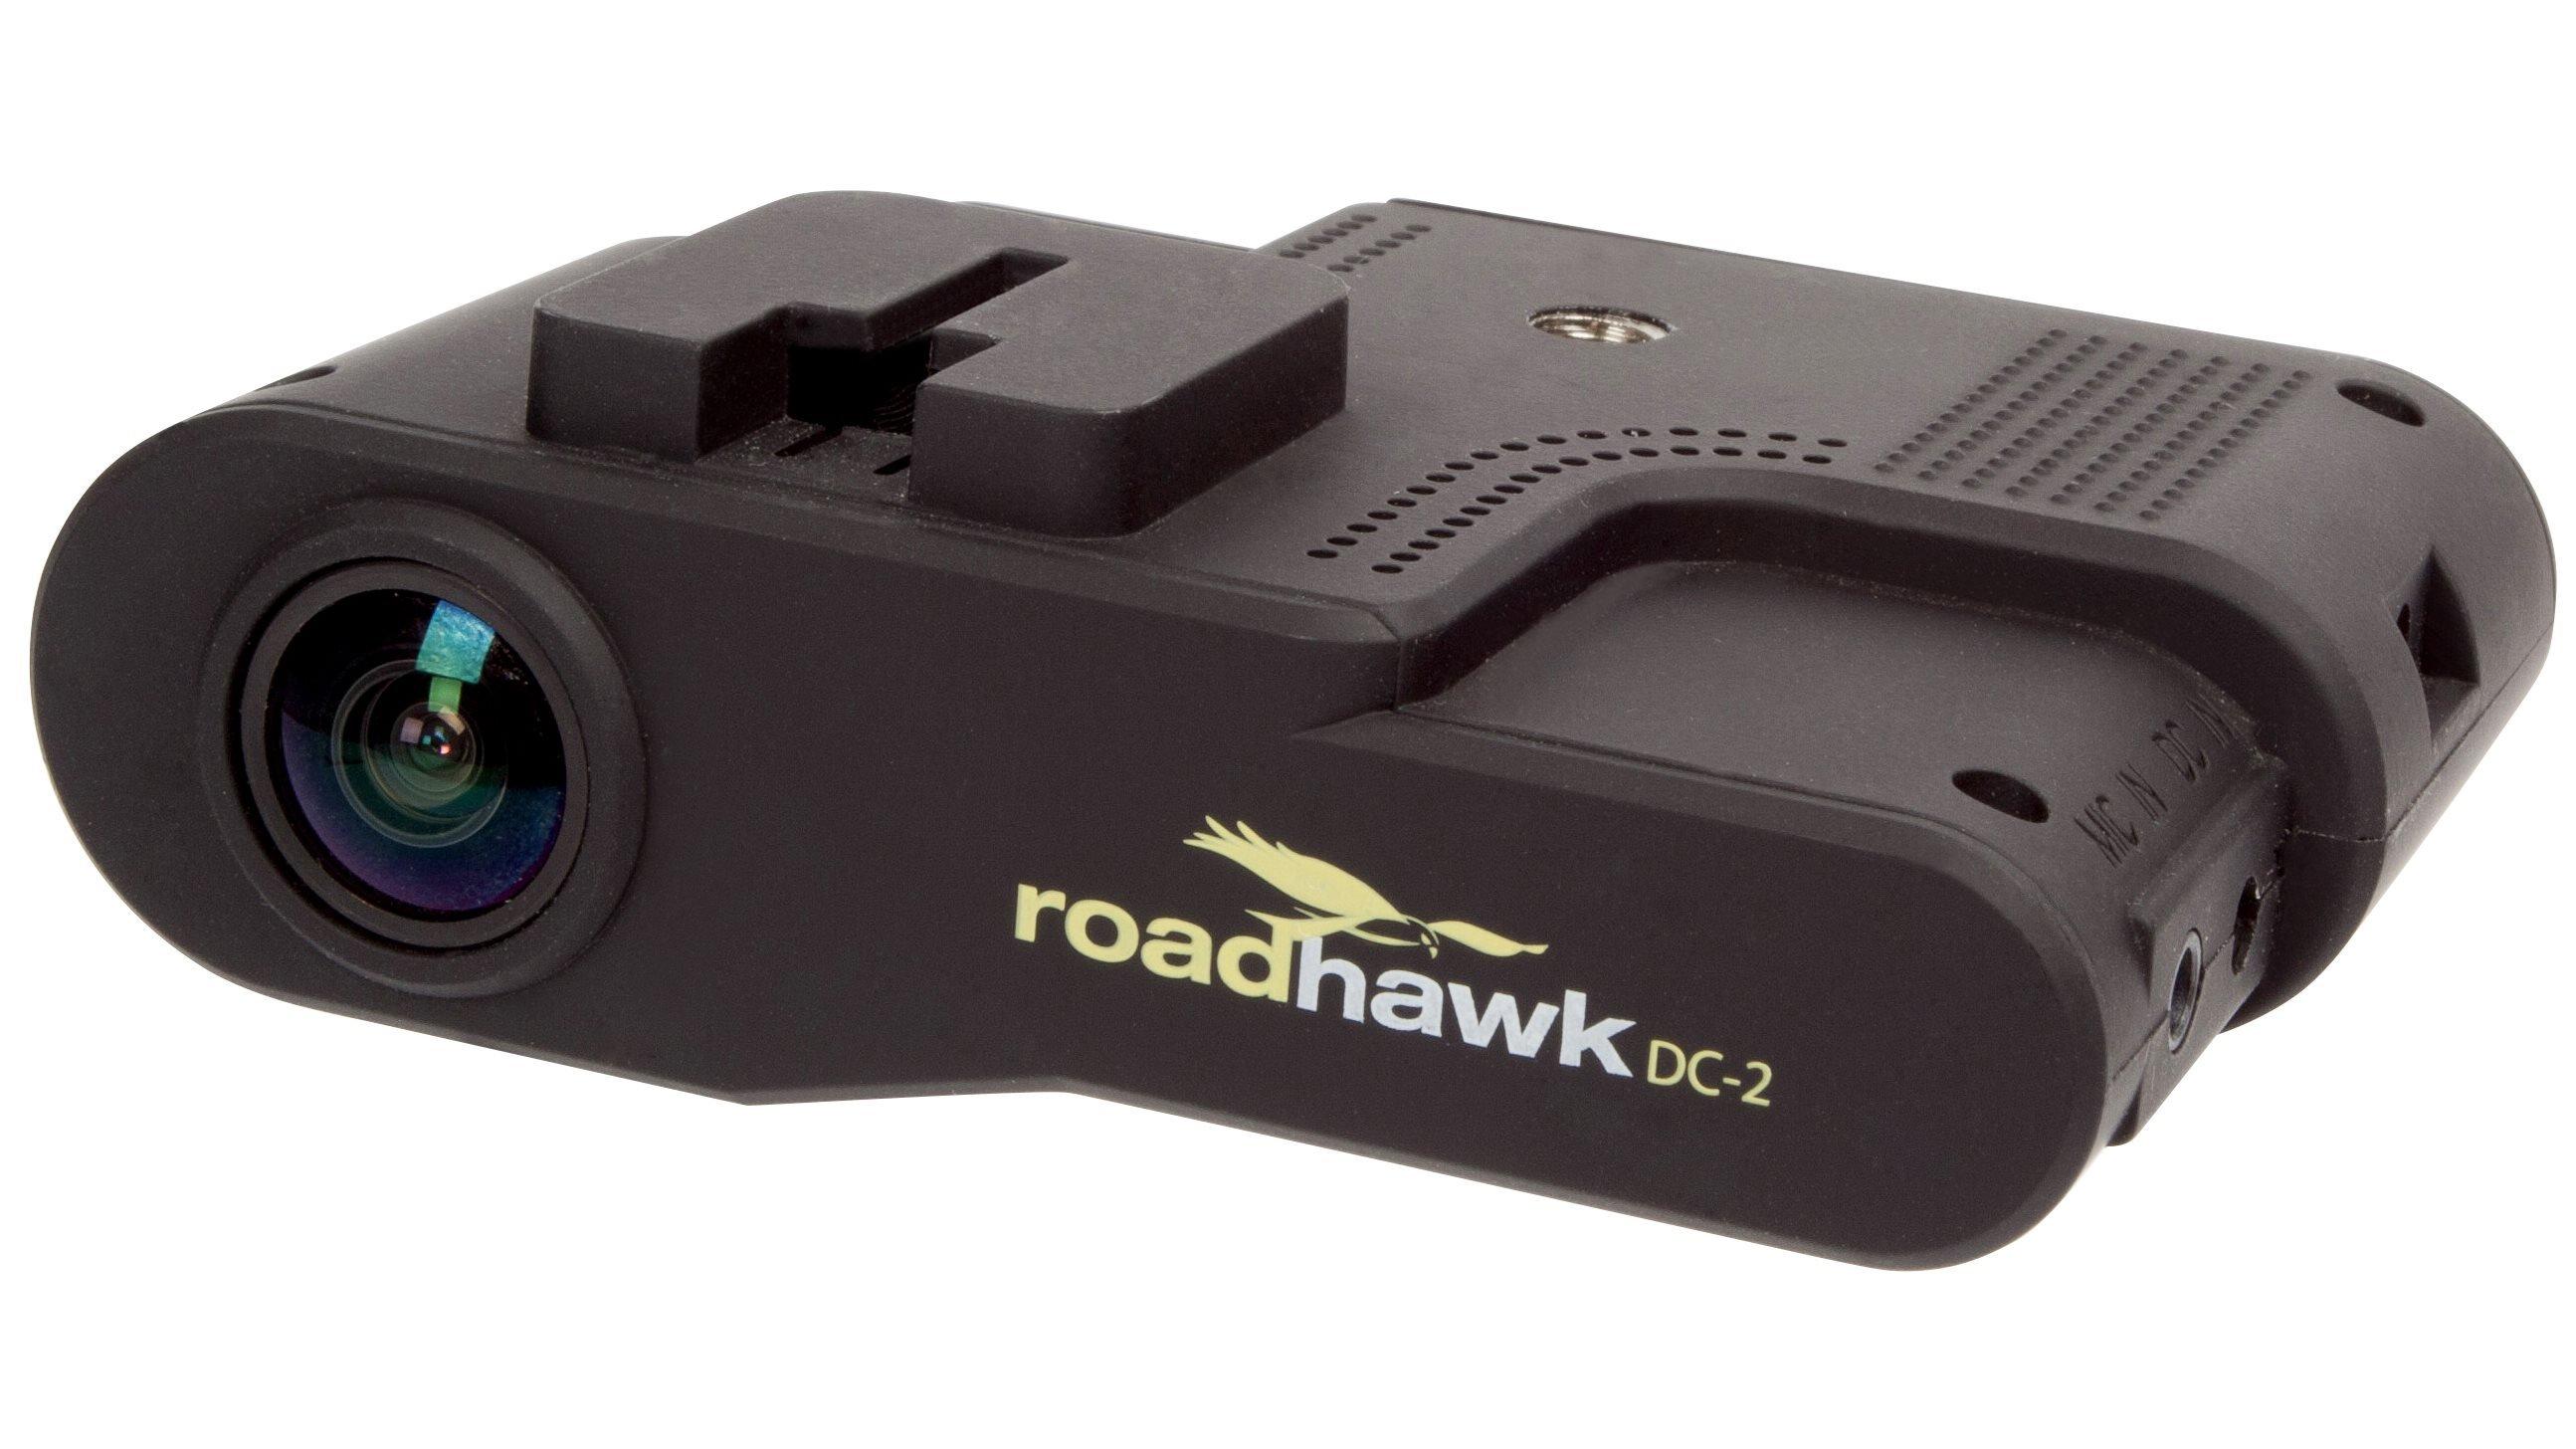 Afbeeldingsresultaat voor RoadHawk DC-2 HD GPS Dash Cam